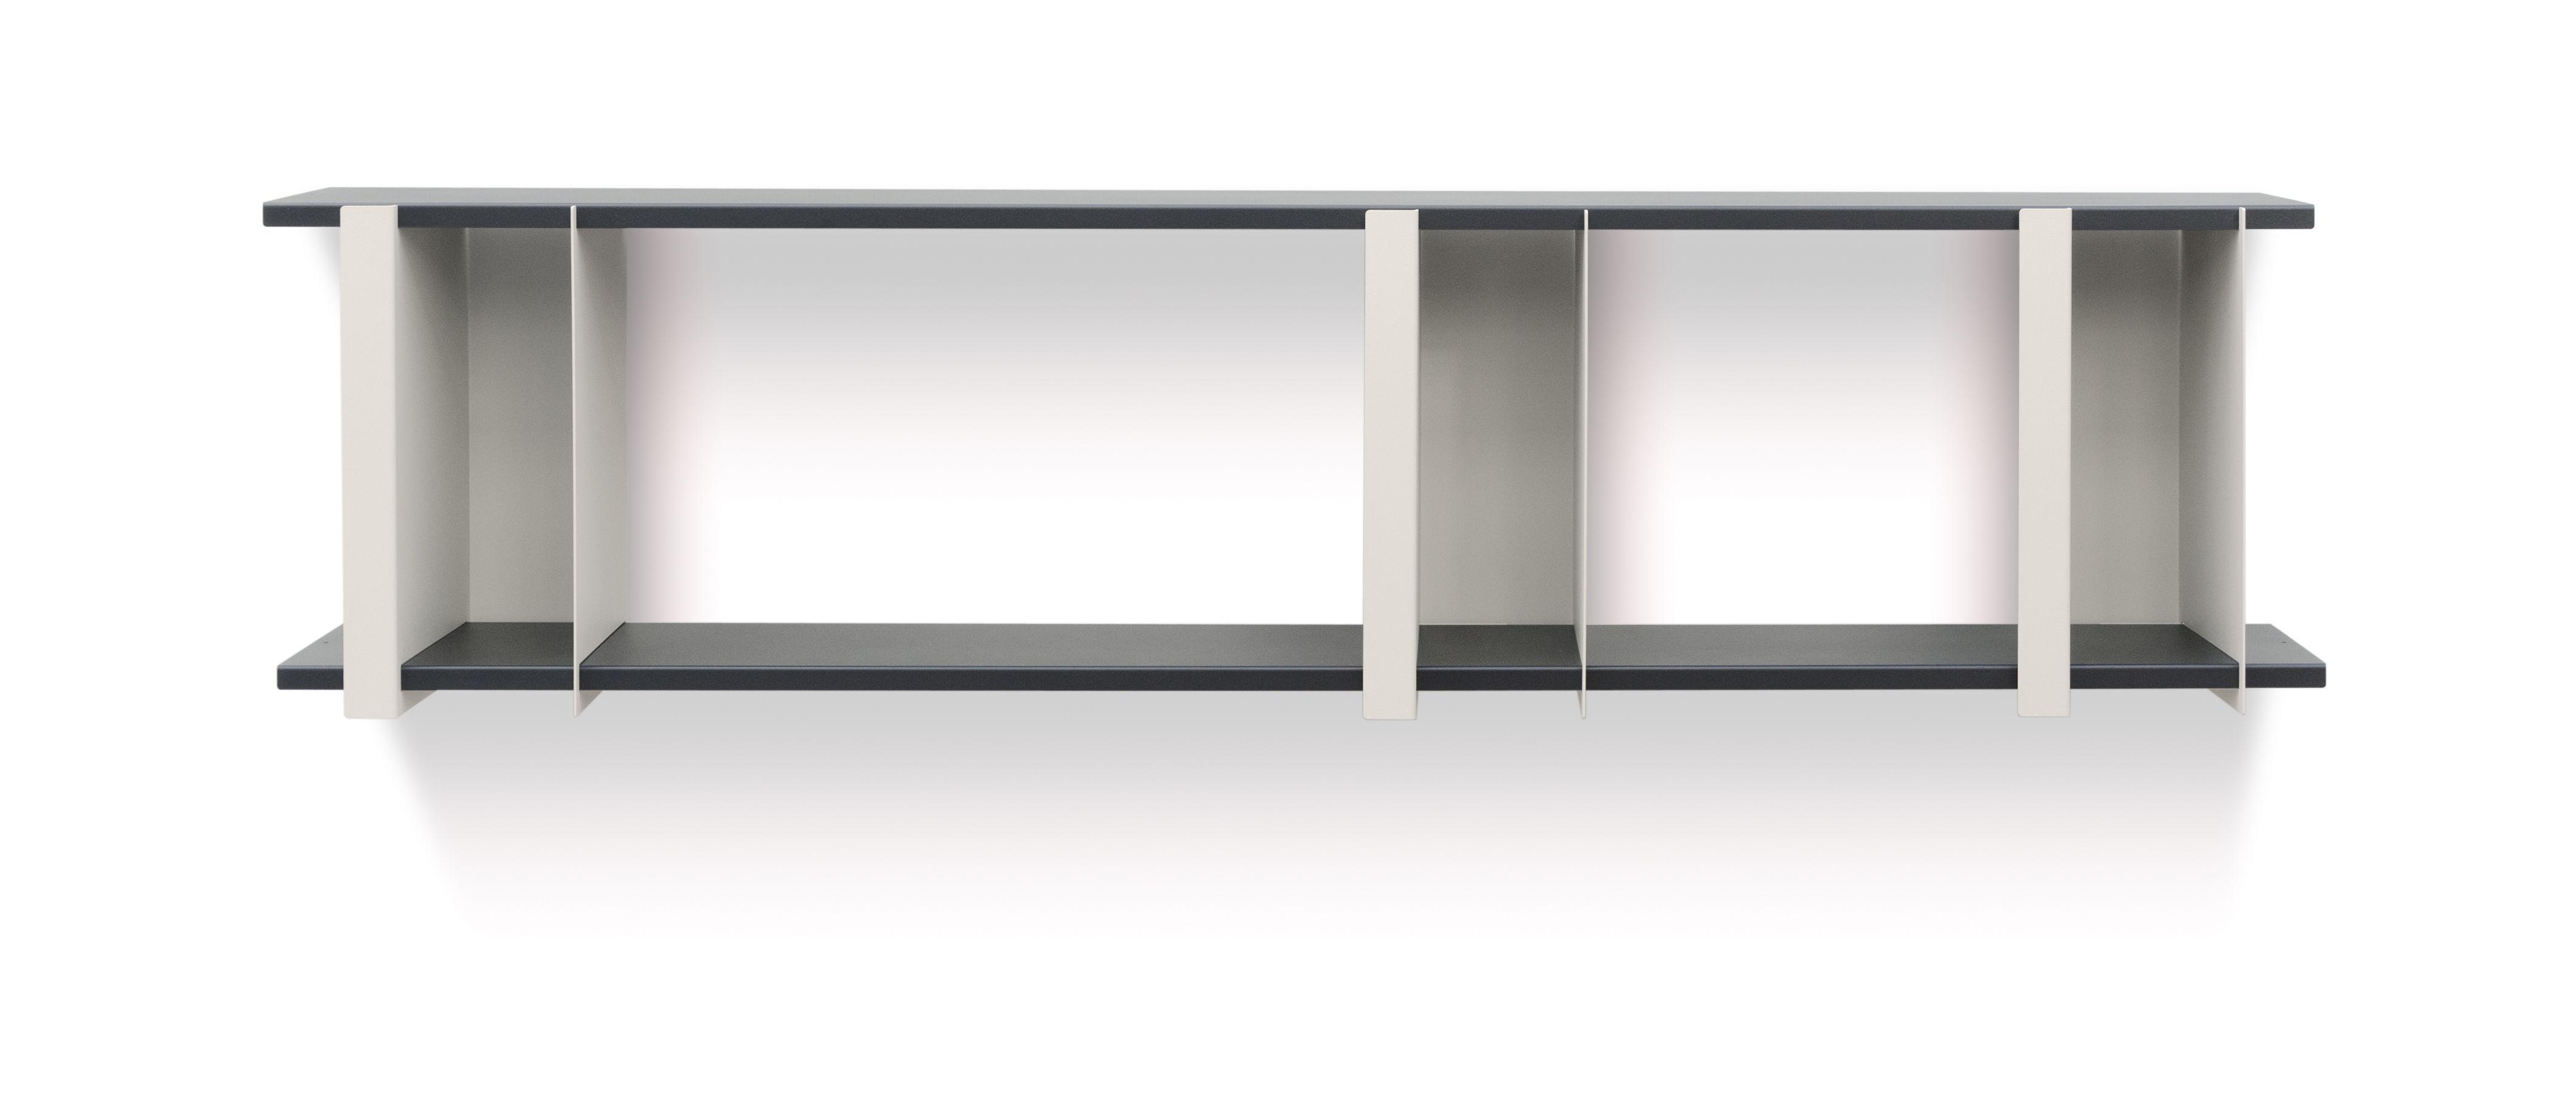 Arredamento - Scaffali e librerie - Scaffale Opli 2 - / L 149 x H 37 cm di Presse citron - Beige chiaro / Carbone - Acciaio laccato